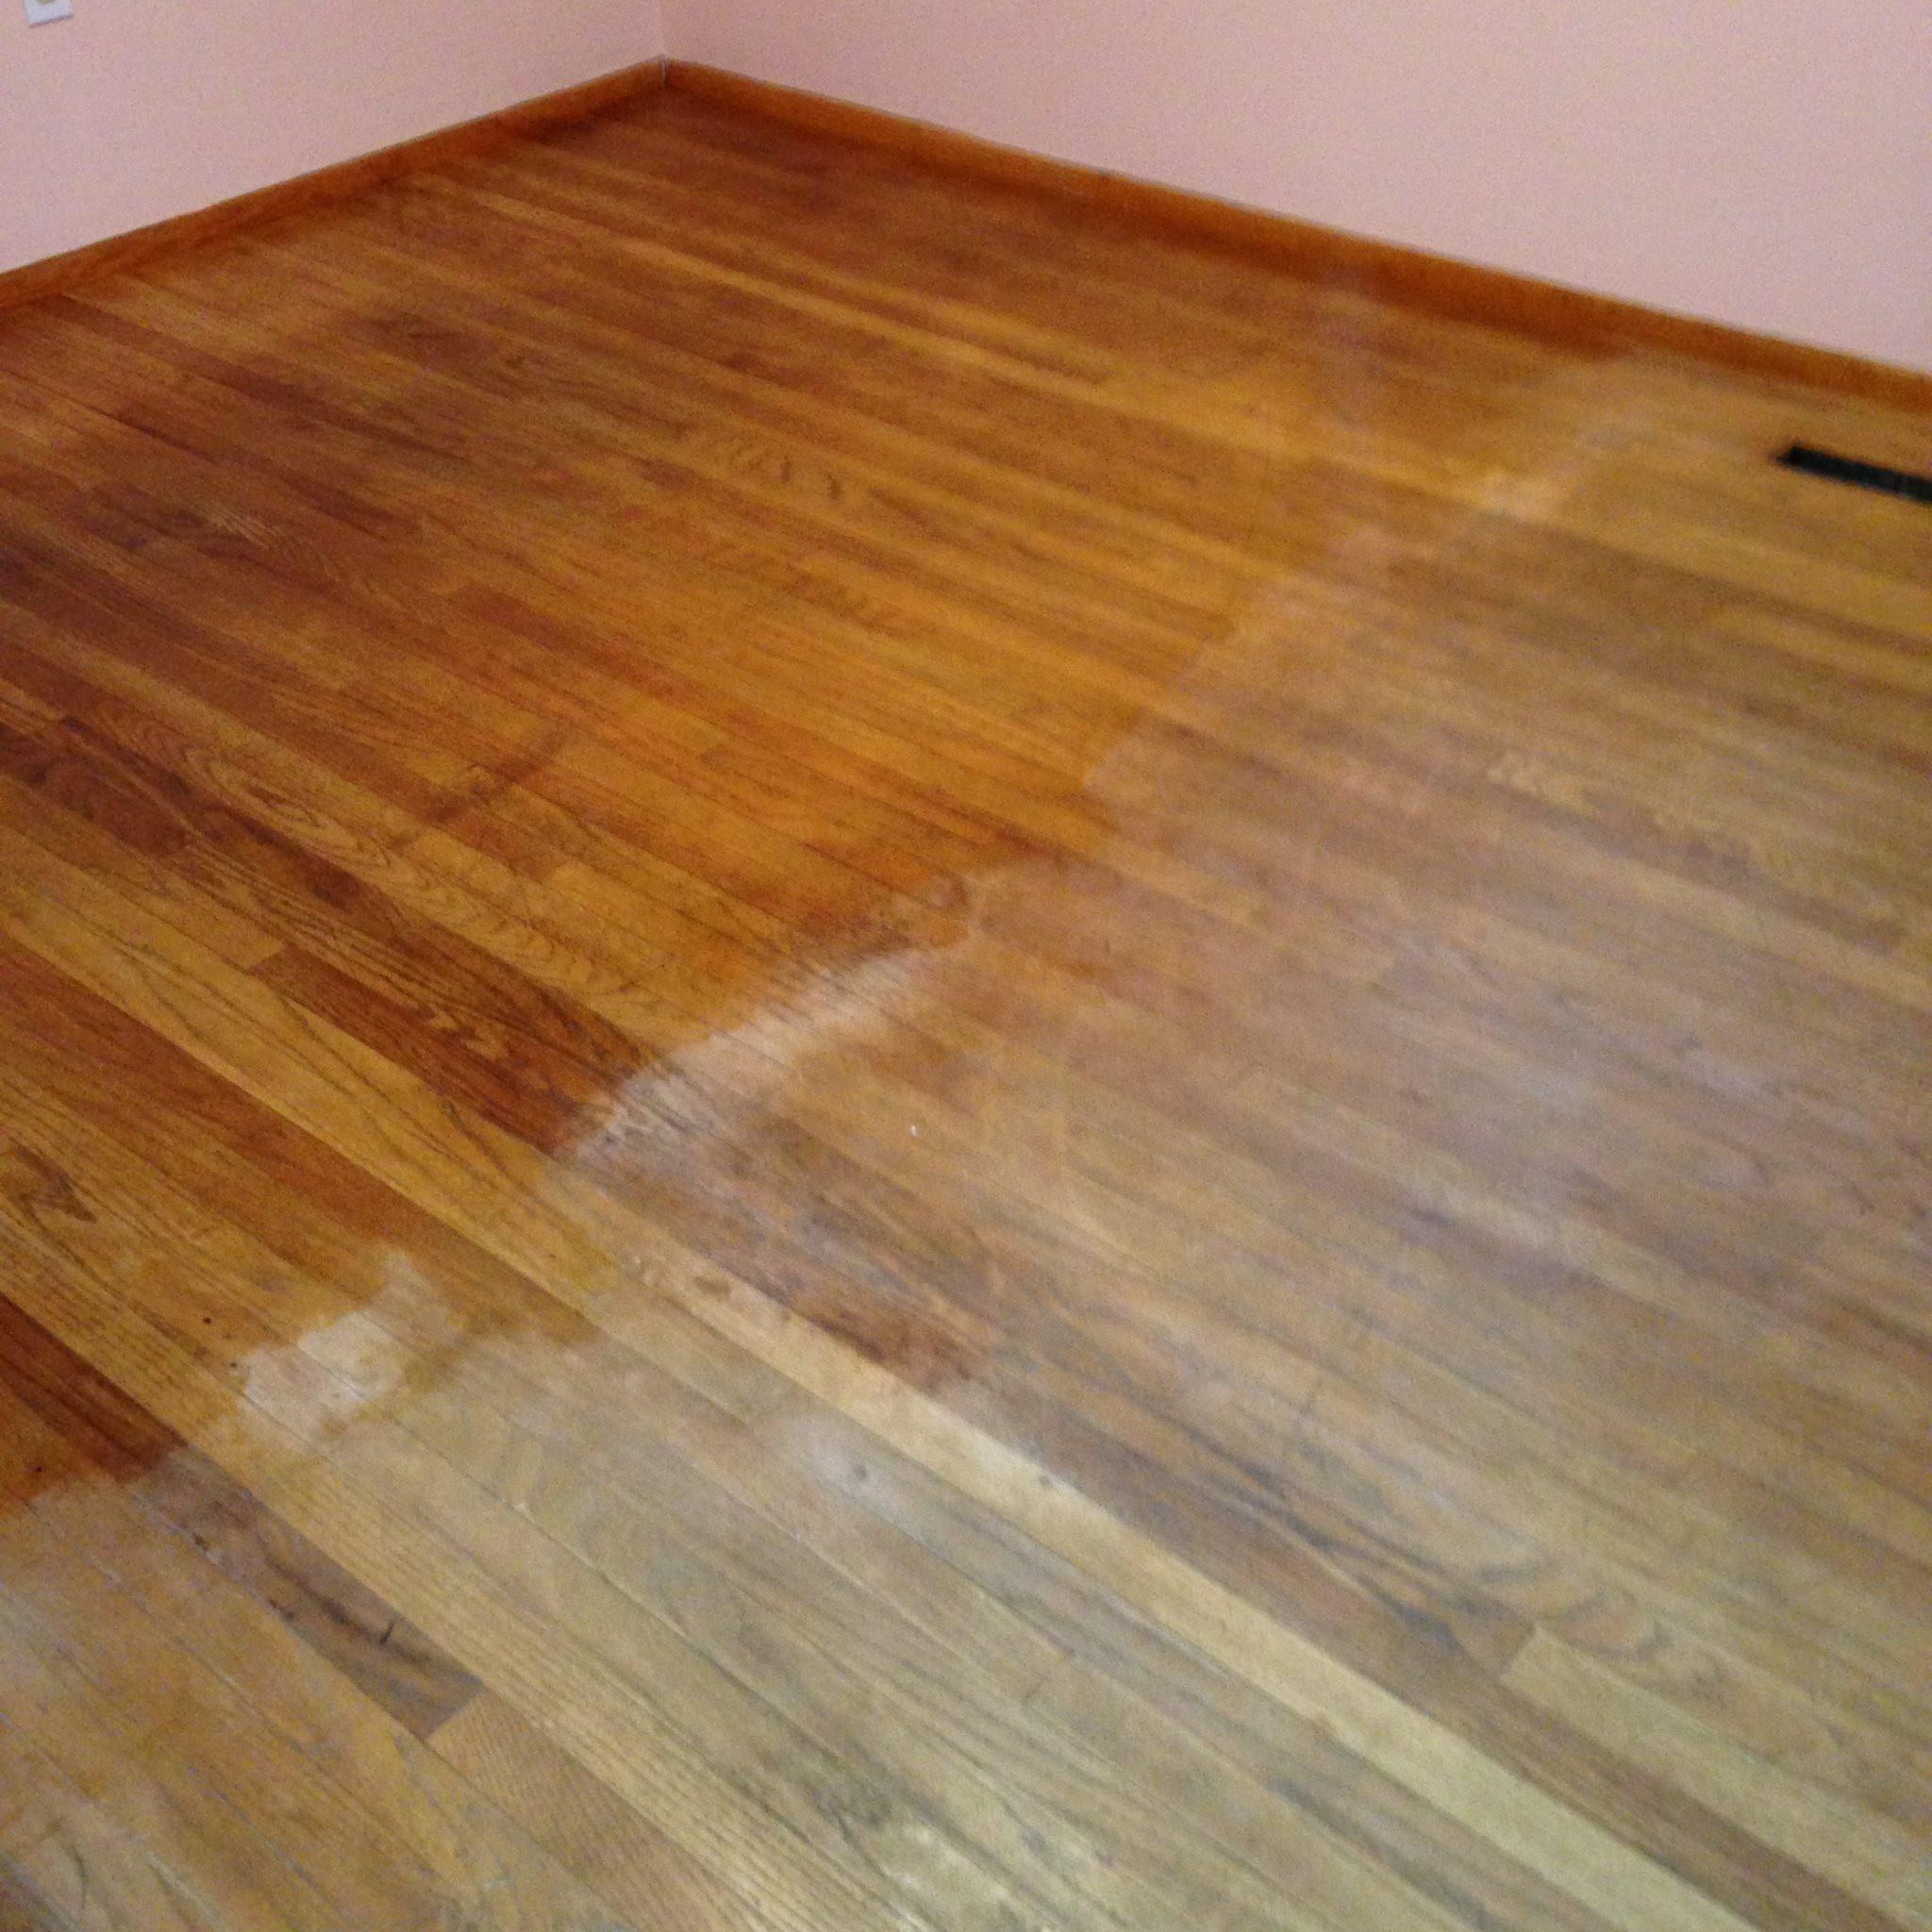 diy staining hardwood floors of 15 wood floor hacks every homeowner needs to know within wood floor hacks 15